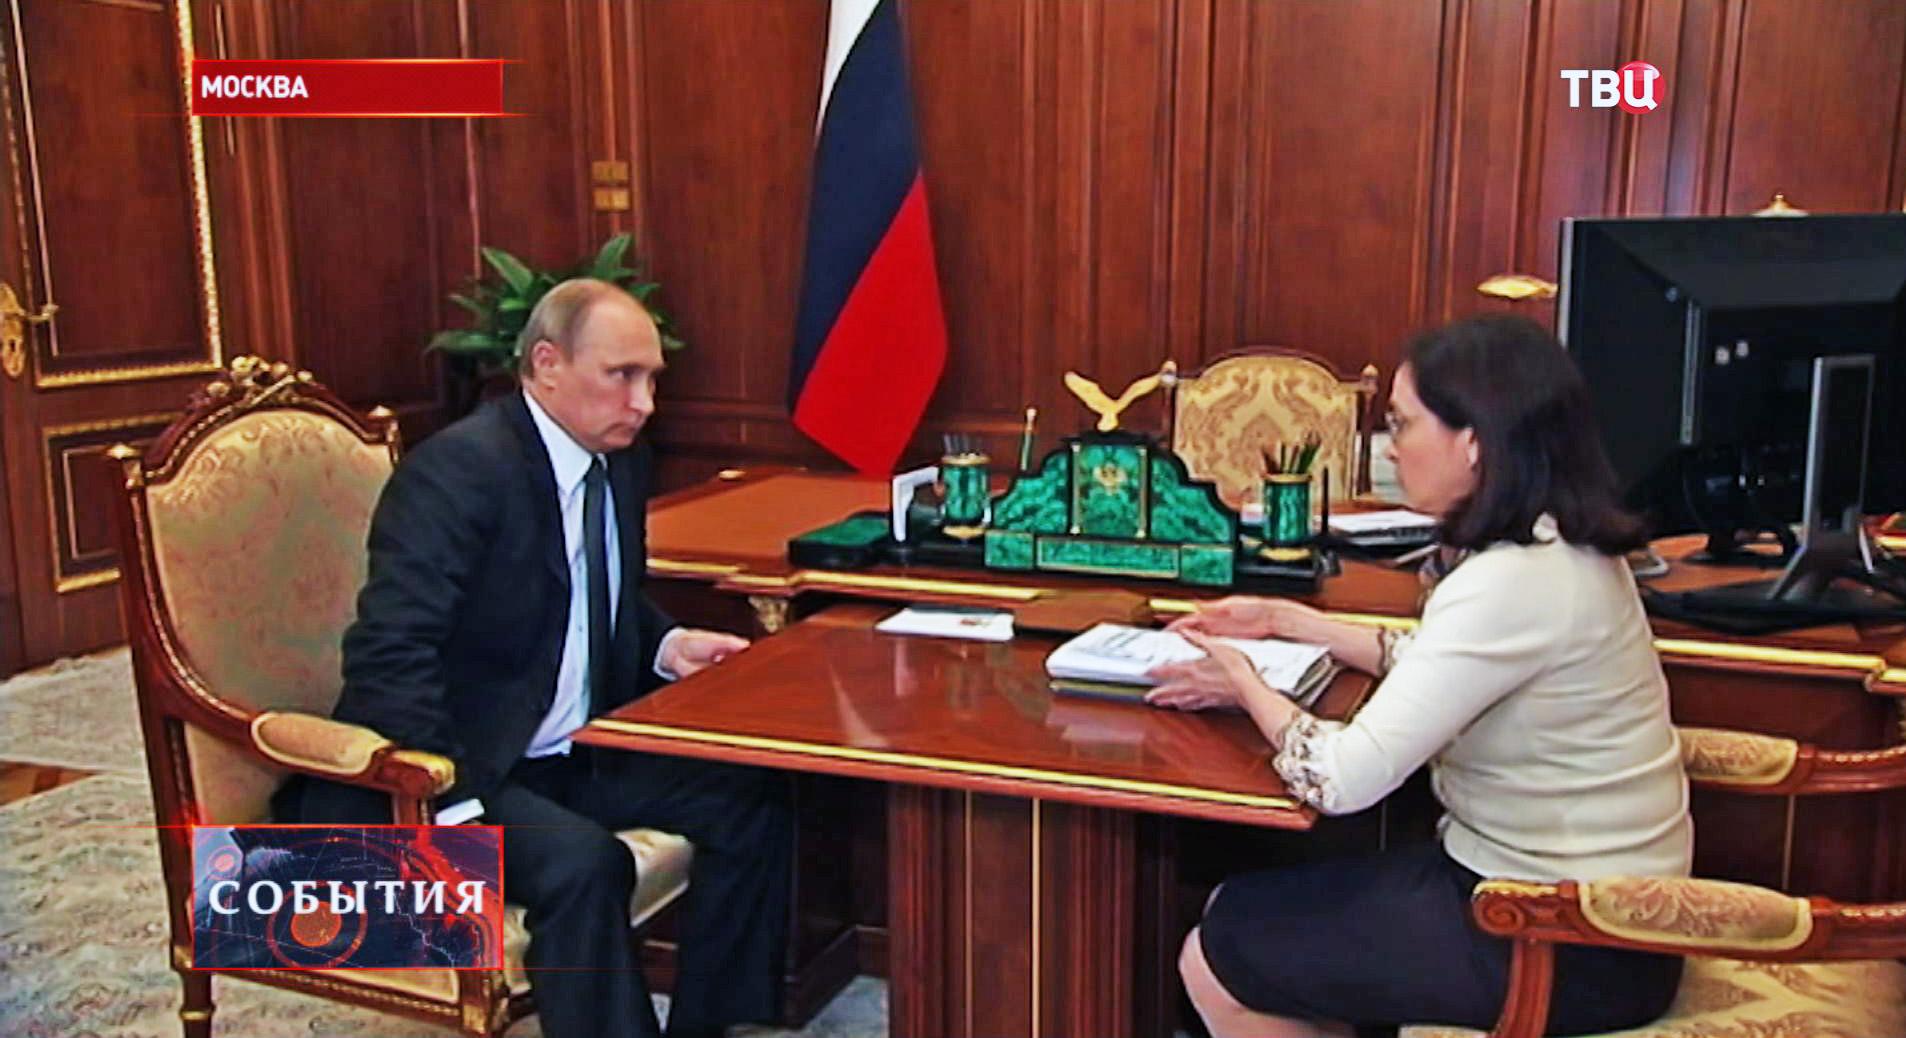 Владимир Путин и председатель Центрального банка Эльвира Набиуллина во время встречи